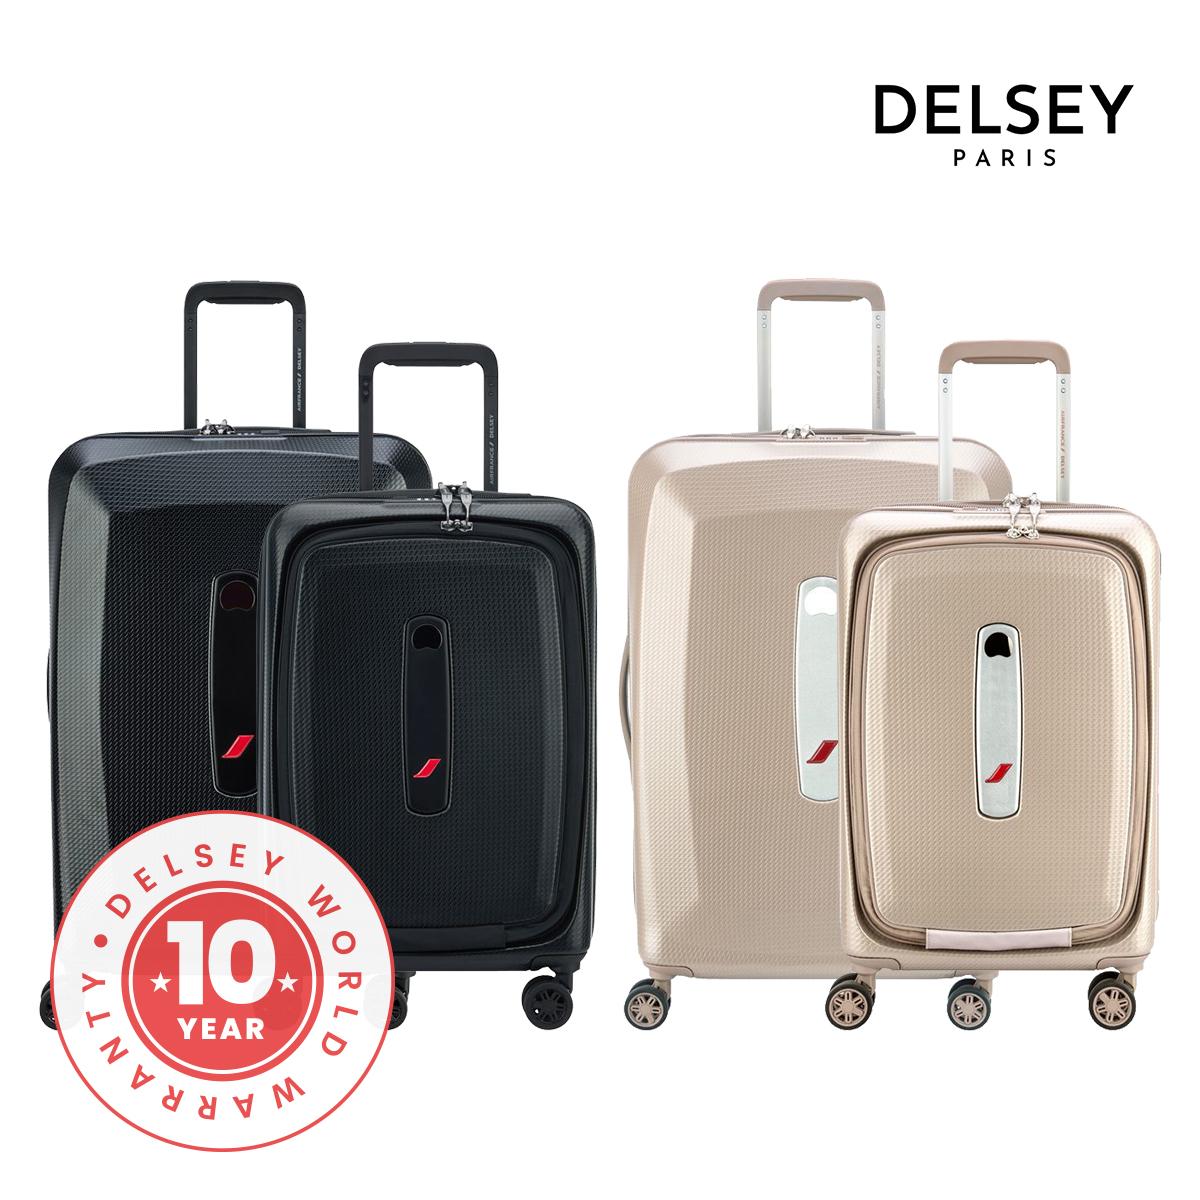 [델시]DELSEY - 에어프랑스 프리미엄 55+68/20+25 2종세트 여행용캐리어 에어프랑스 제휴 하드